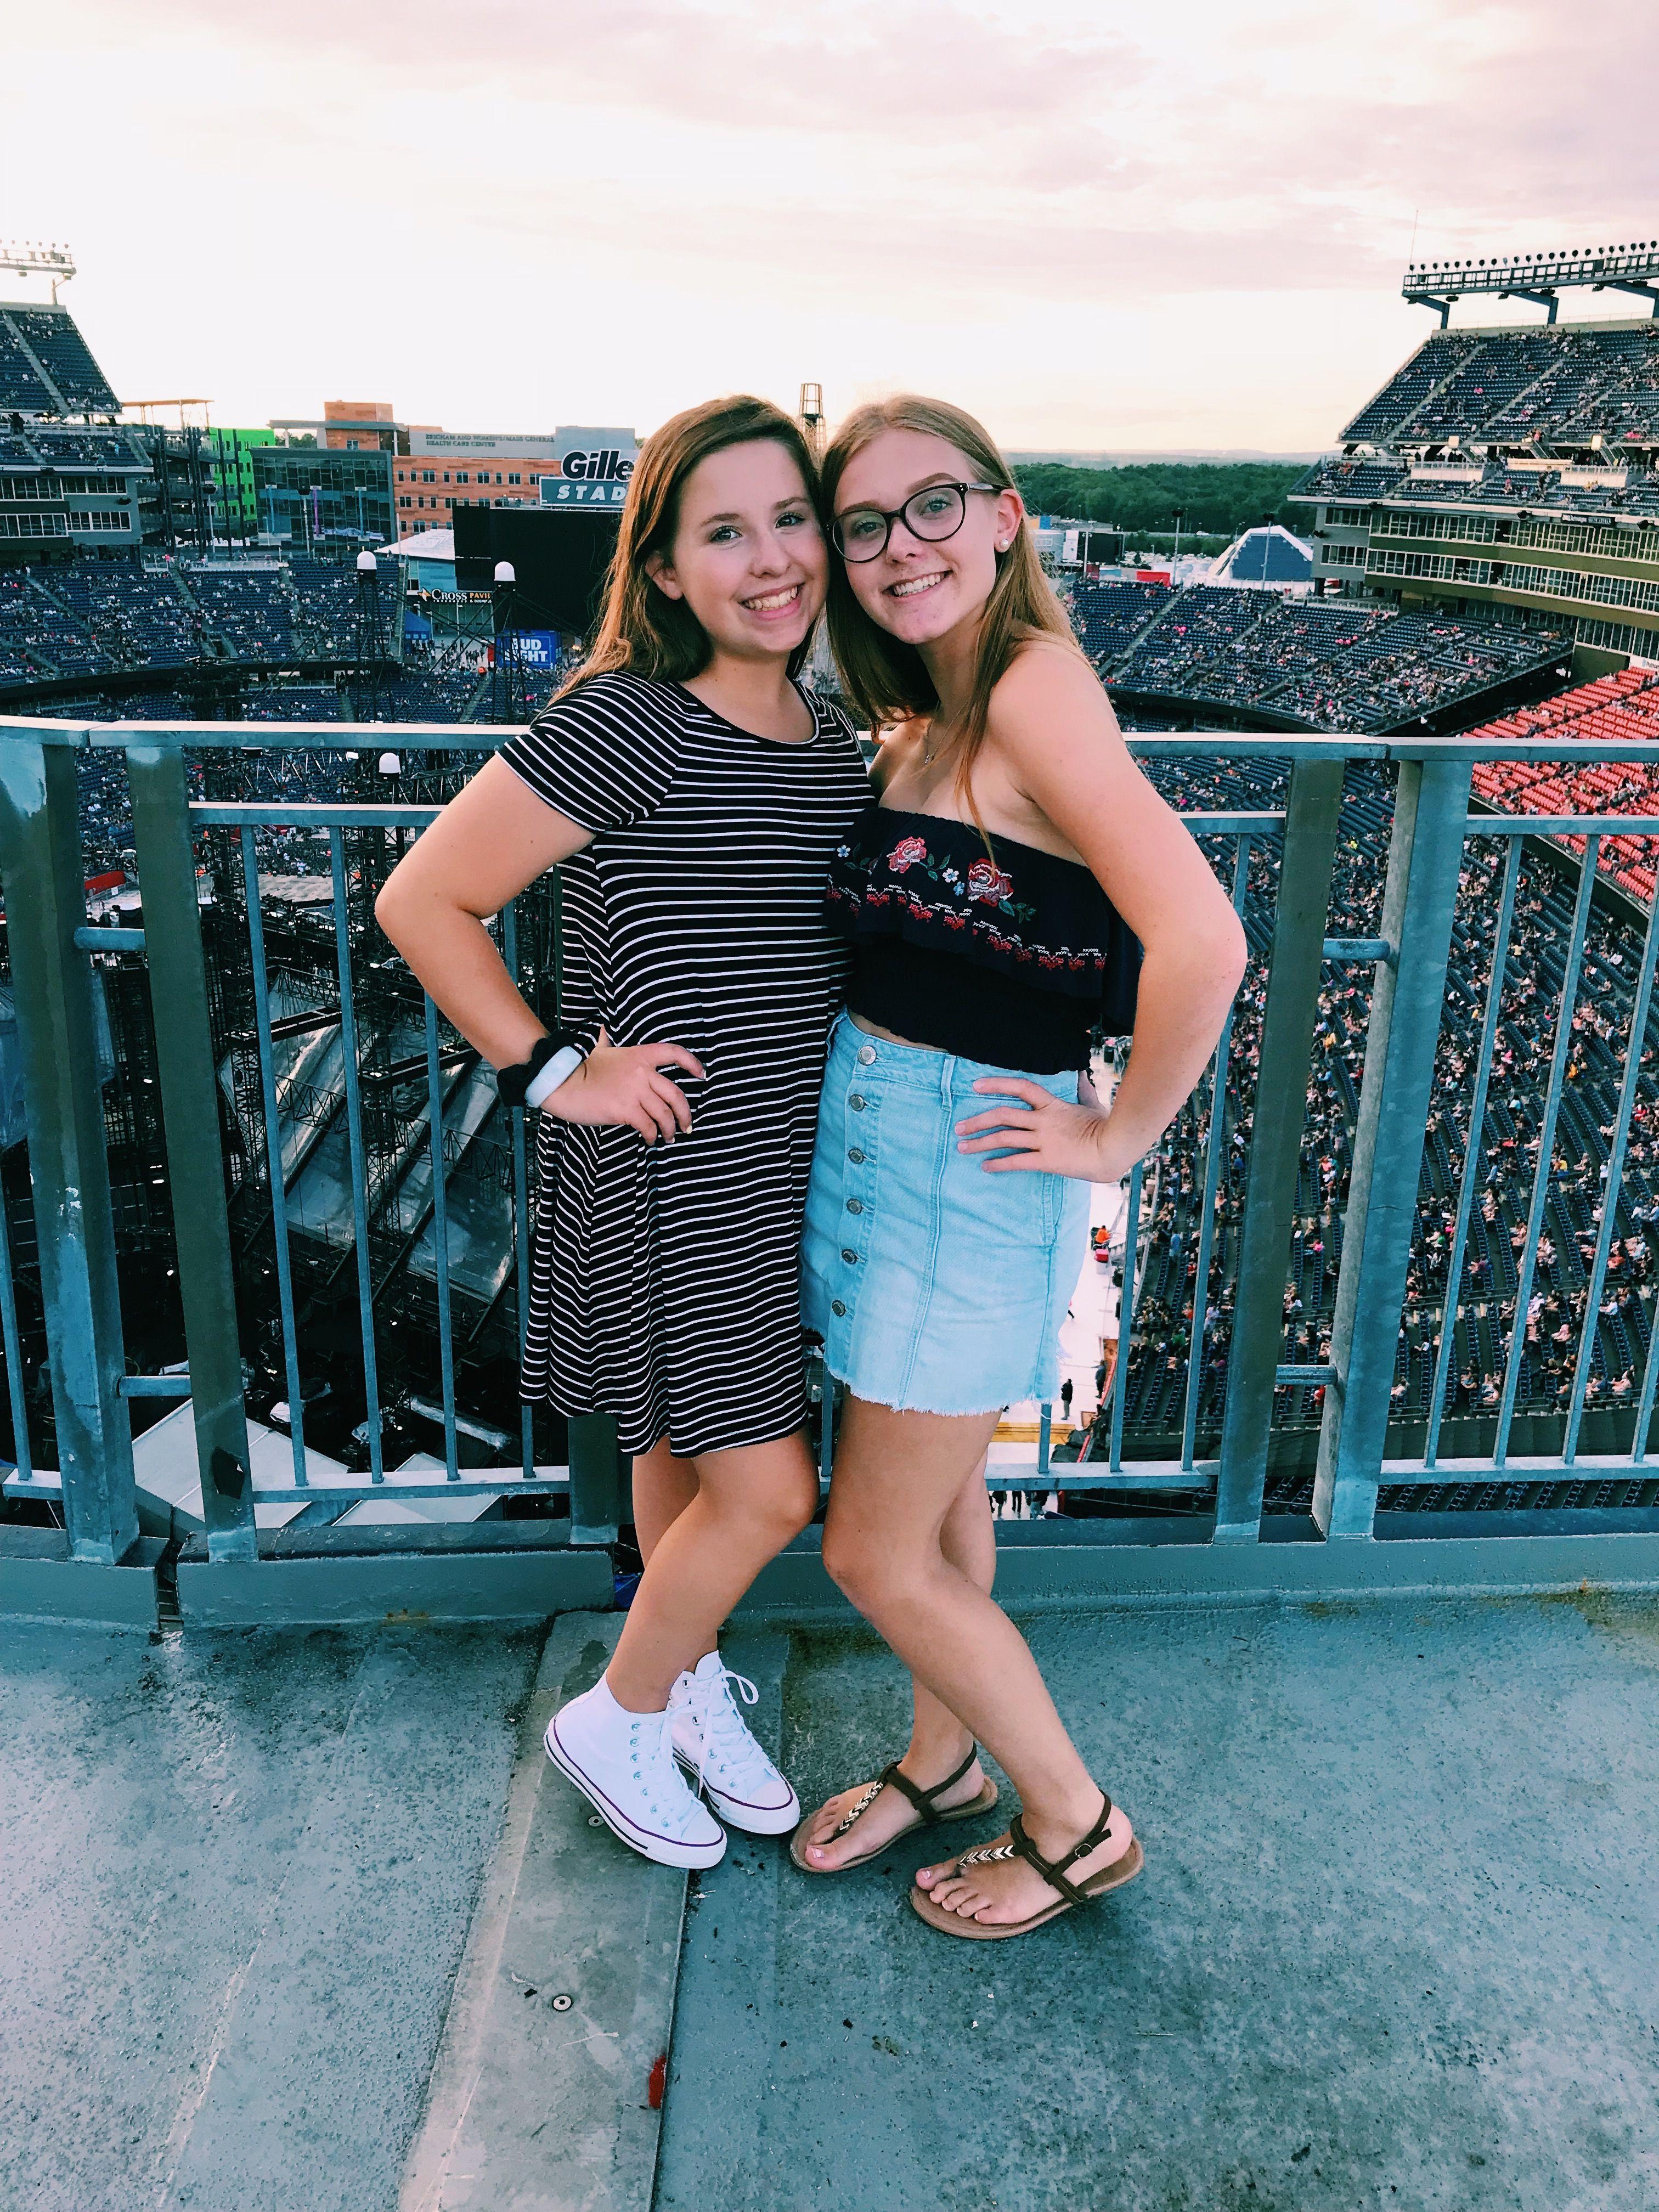 dating girls in boston